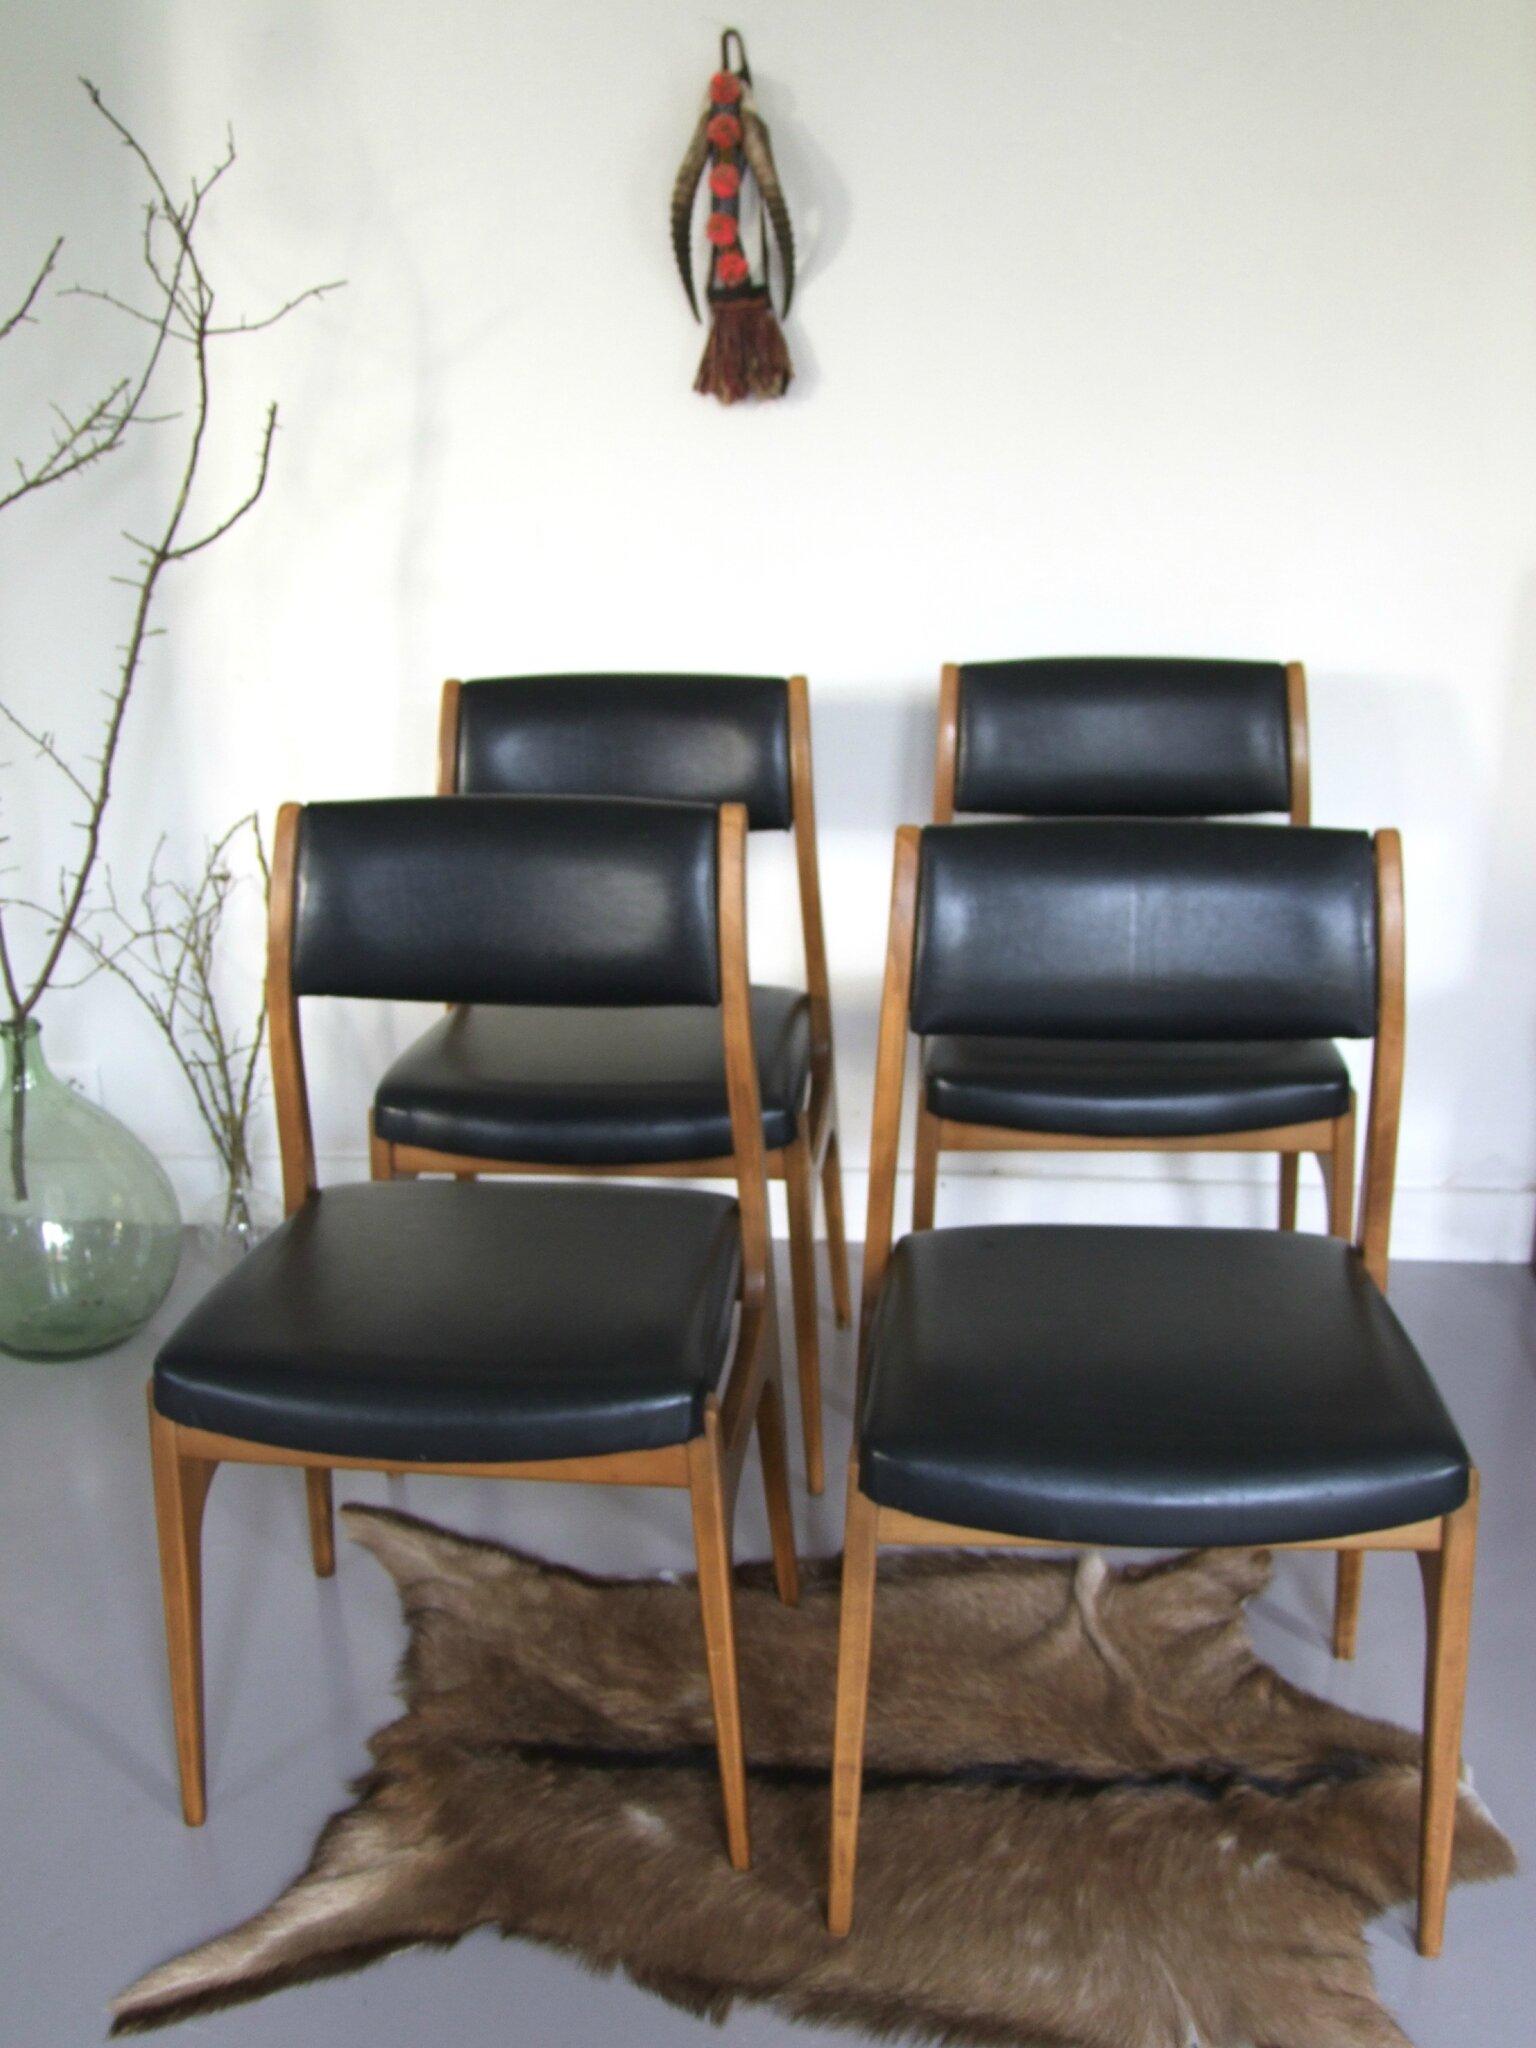 Chaises vintage skai l onie meubles vintage pataluna - Chaises scandinaves vintage ...